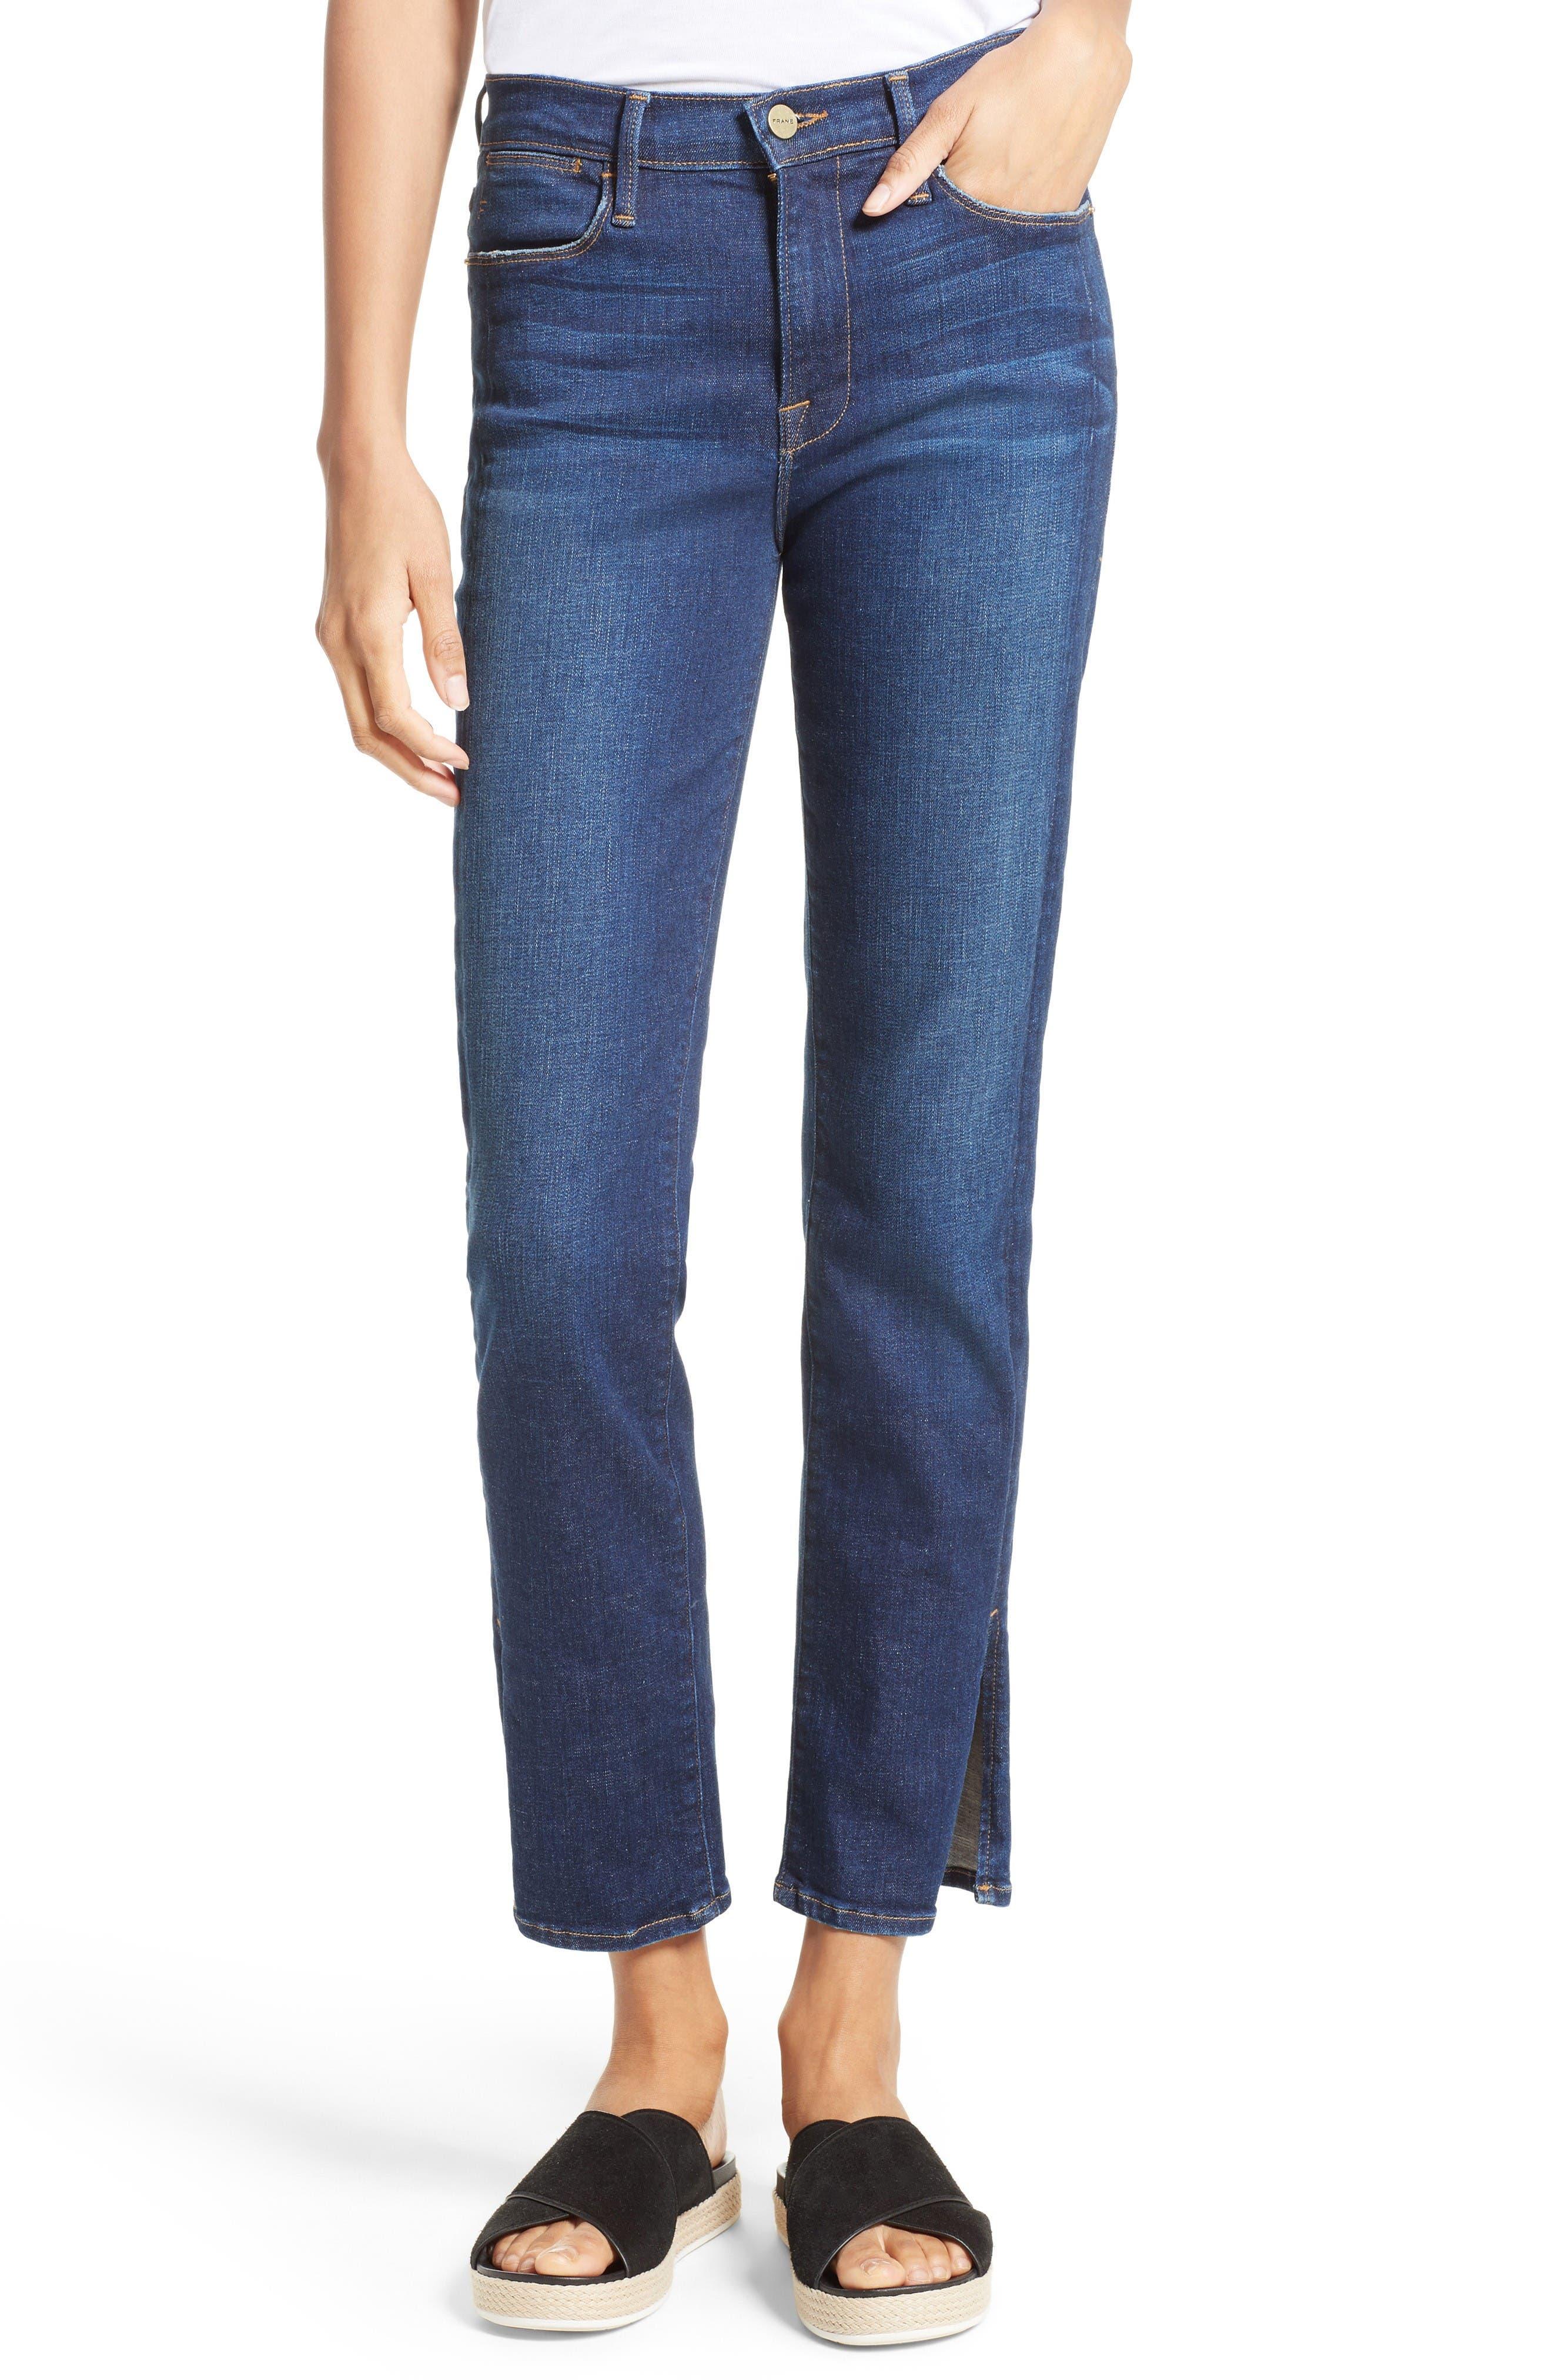 Main Image - FRAME Le High Straight Leg Tuxedo Jeans (Helms)